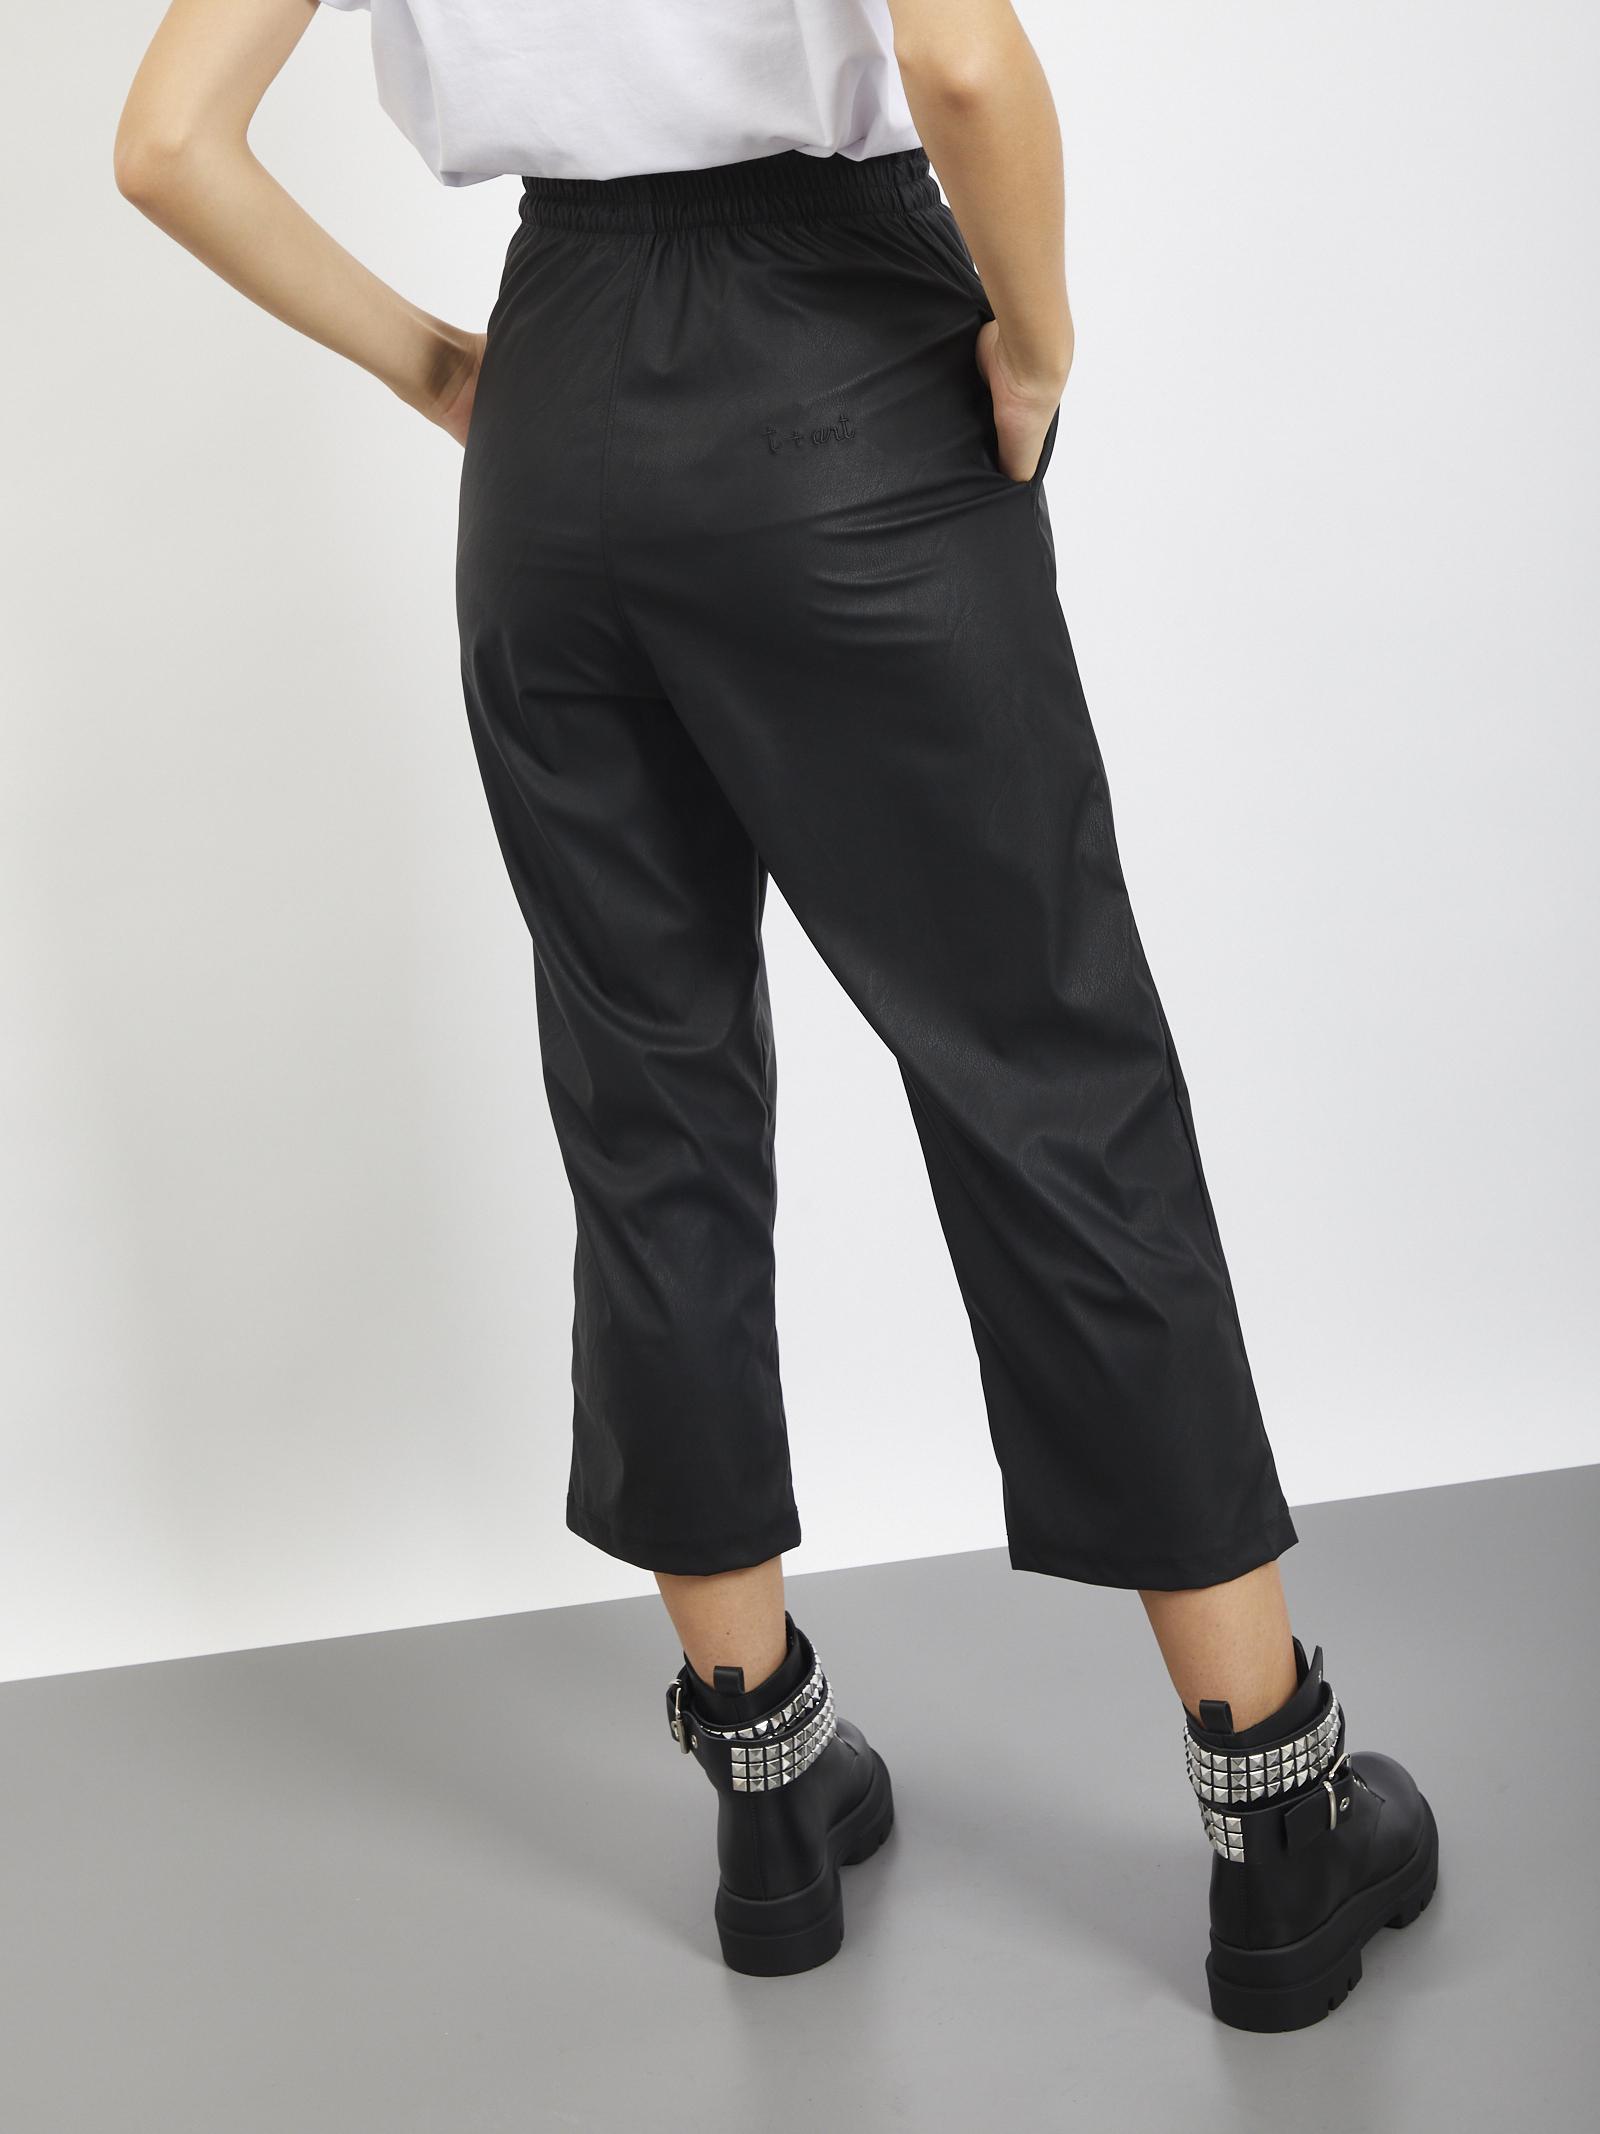 PANTALONE T+ART | Pantaloni | 24D PNERO